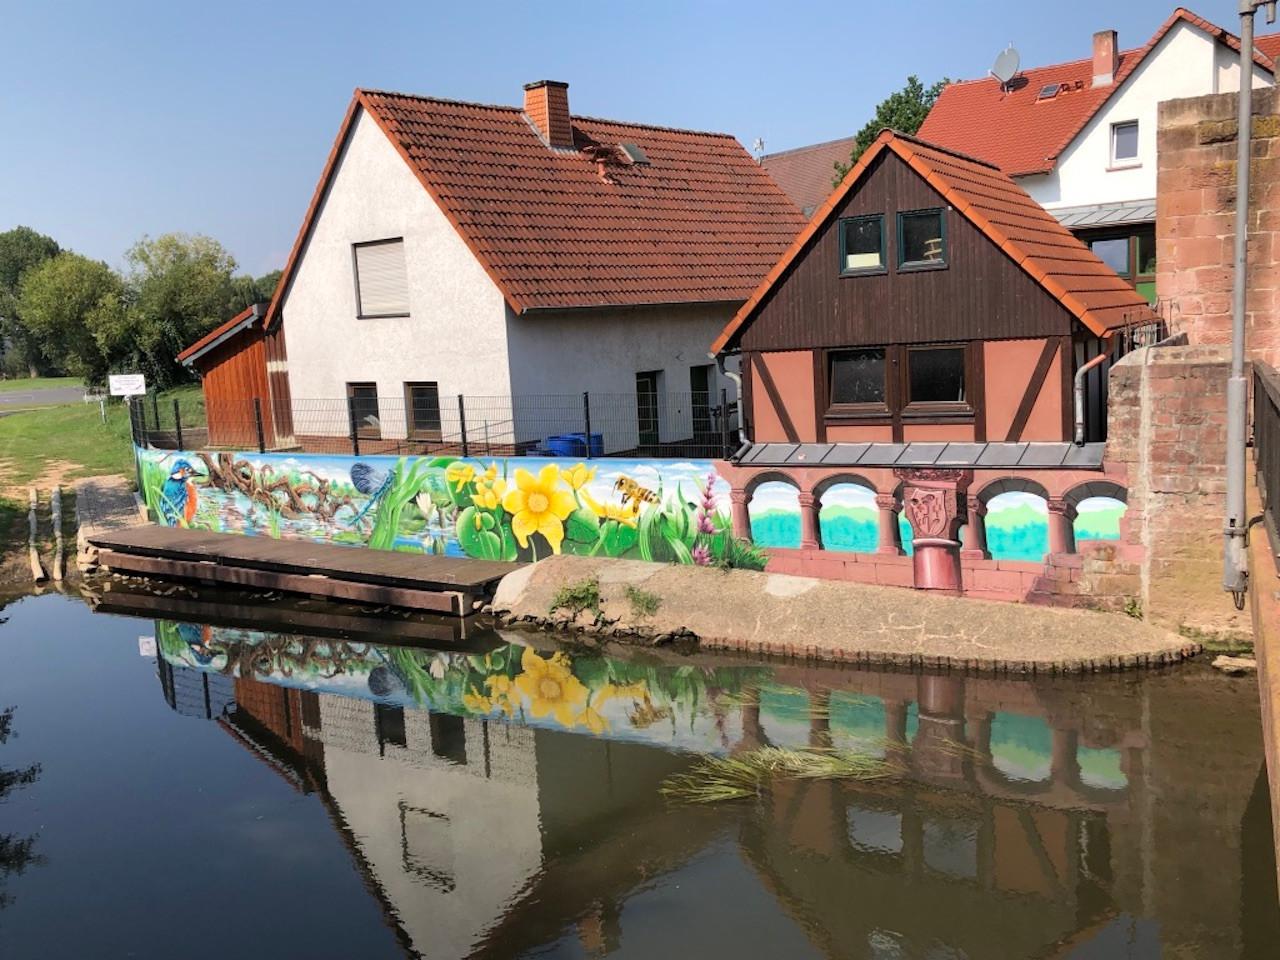 Fassade Bootsteeg an der Müllerwiese Gelnhausen